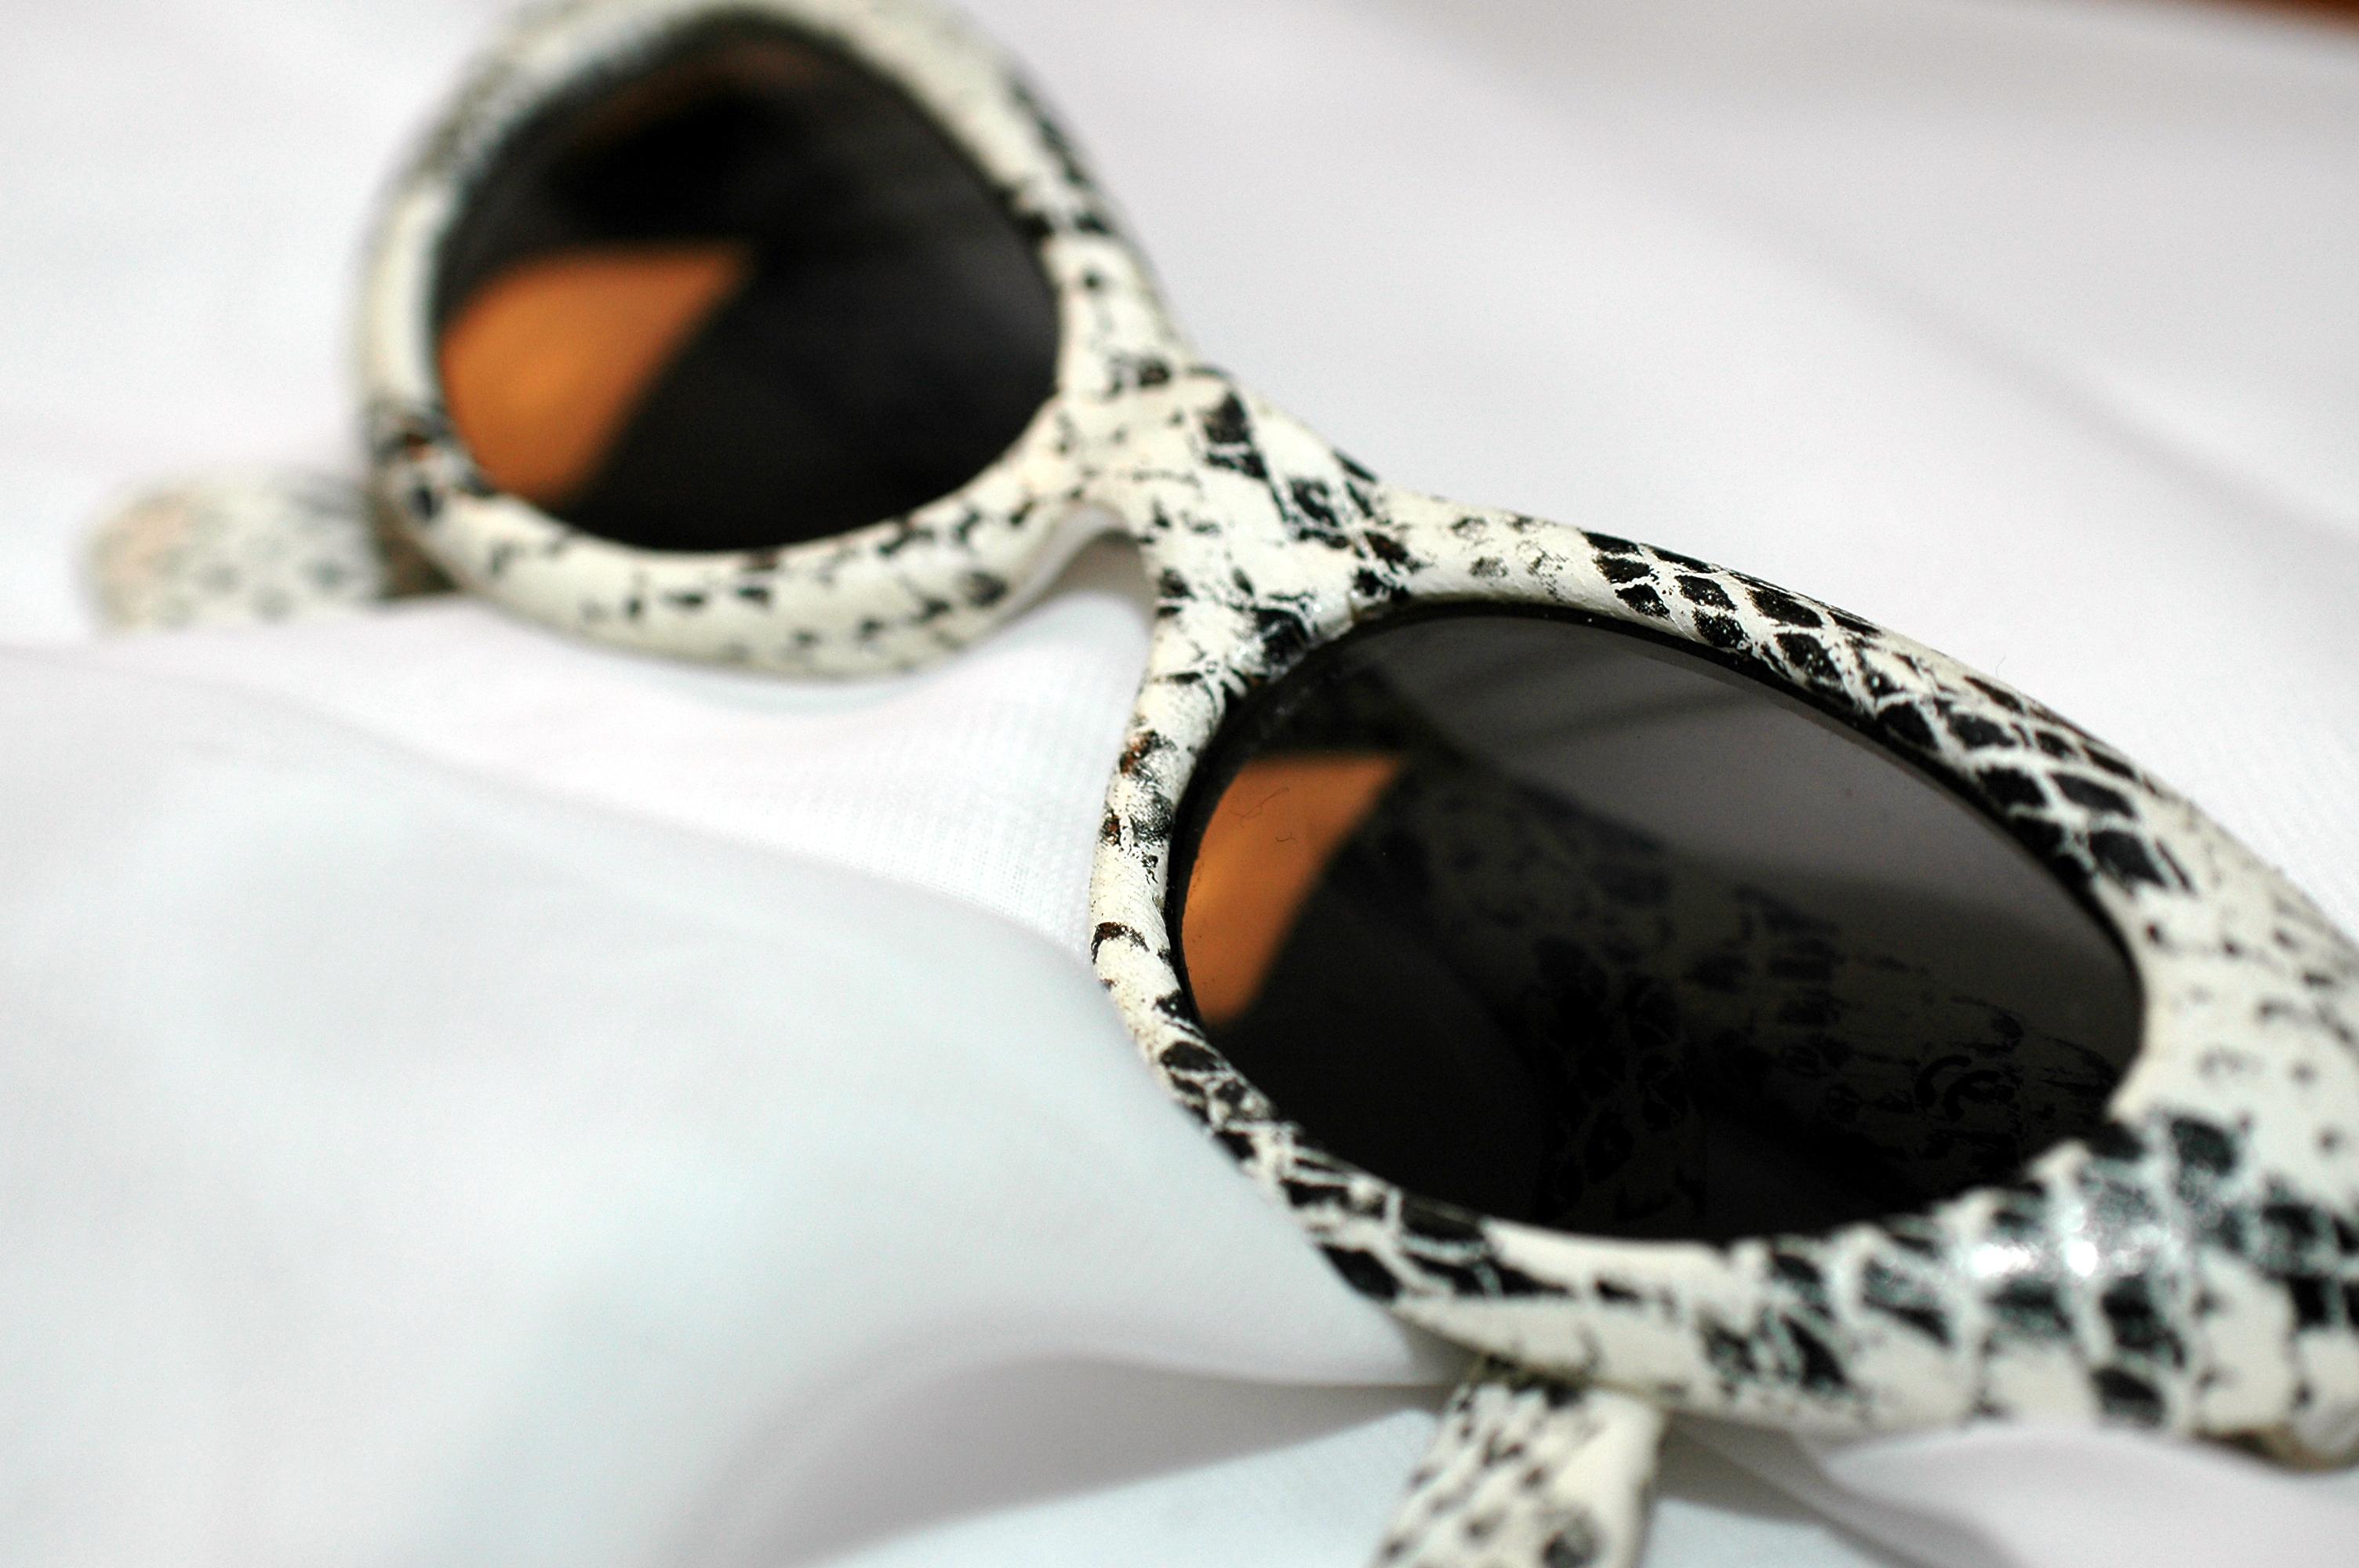 Sluneční brýle fungují spíš jako módní doplněk, než jako ochrana očí